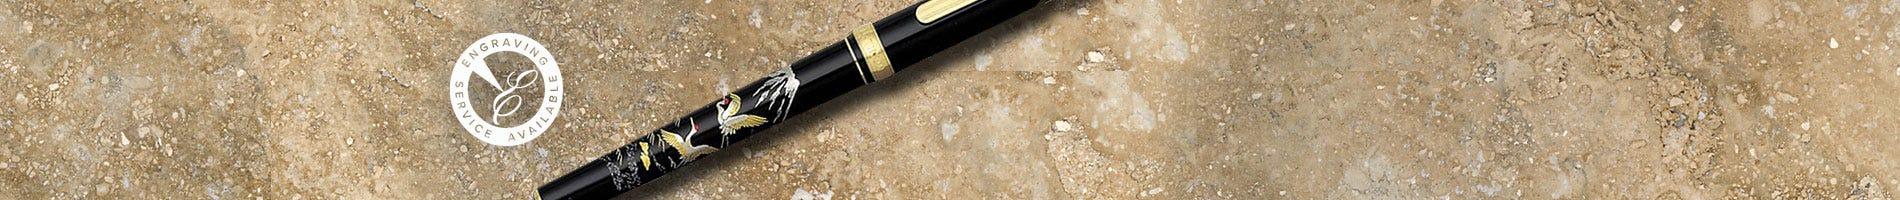 Platinum pen decorated with Maki-e design